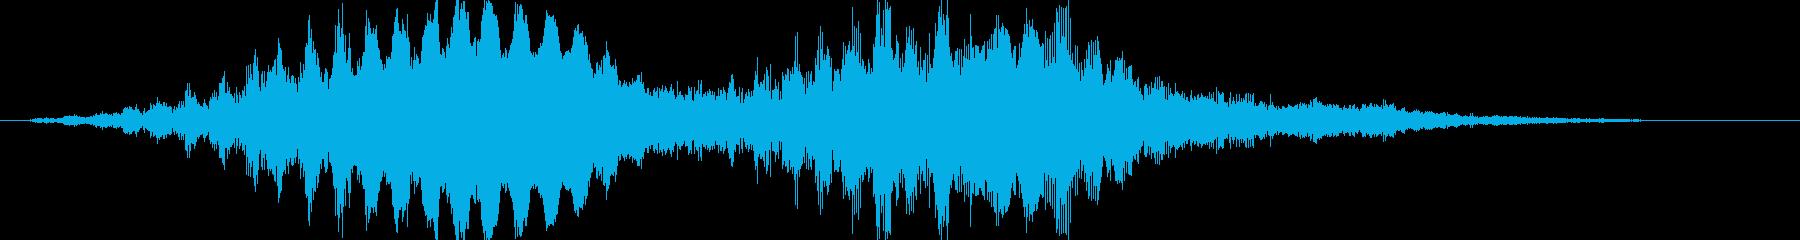 【映画】 ホラー FX 不可思議の再生済みの波形